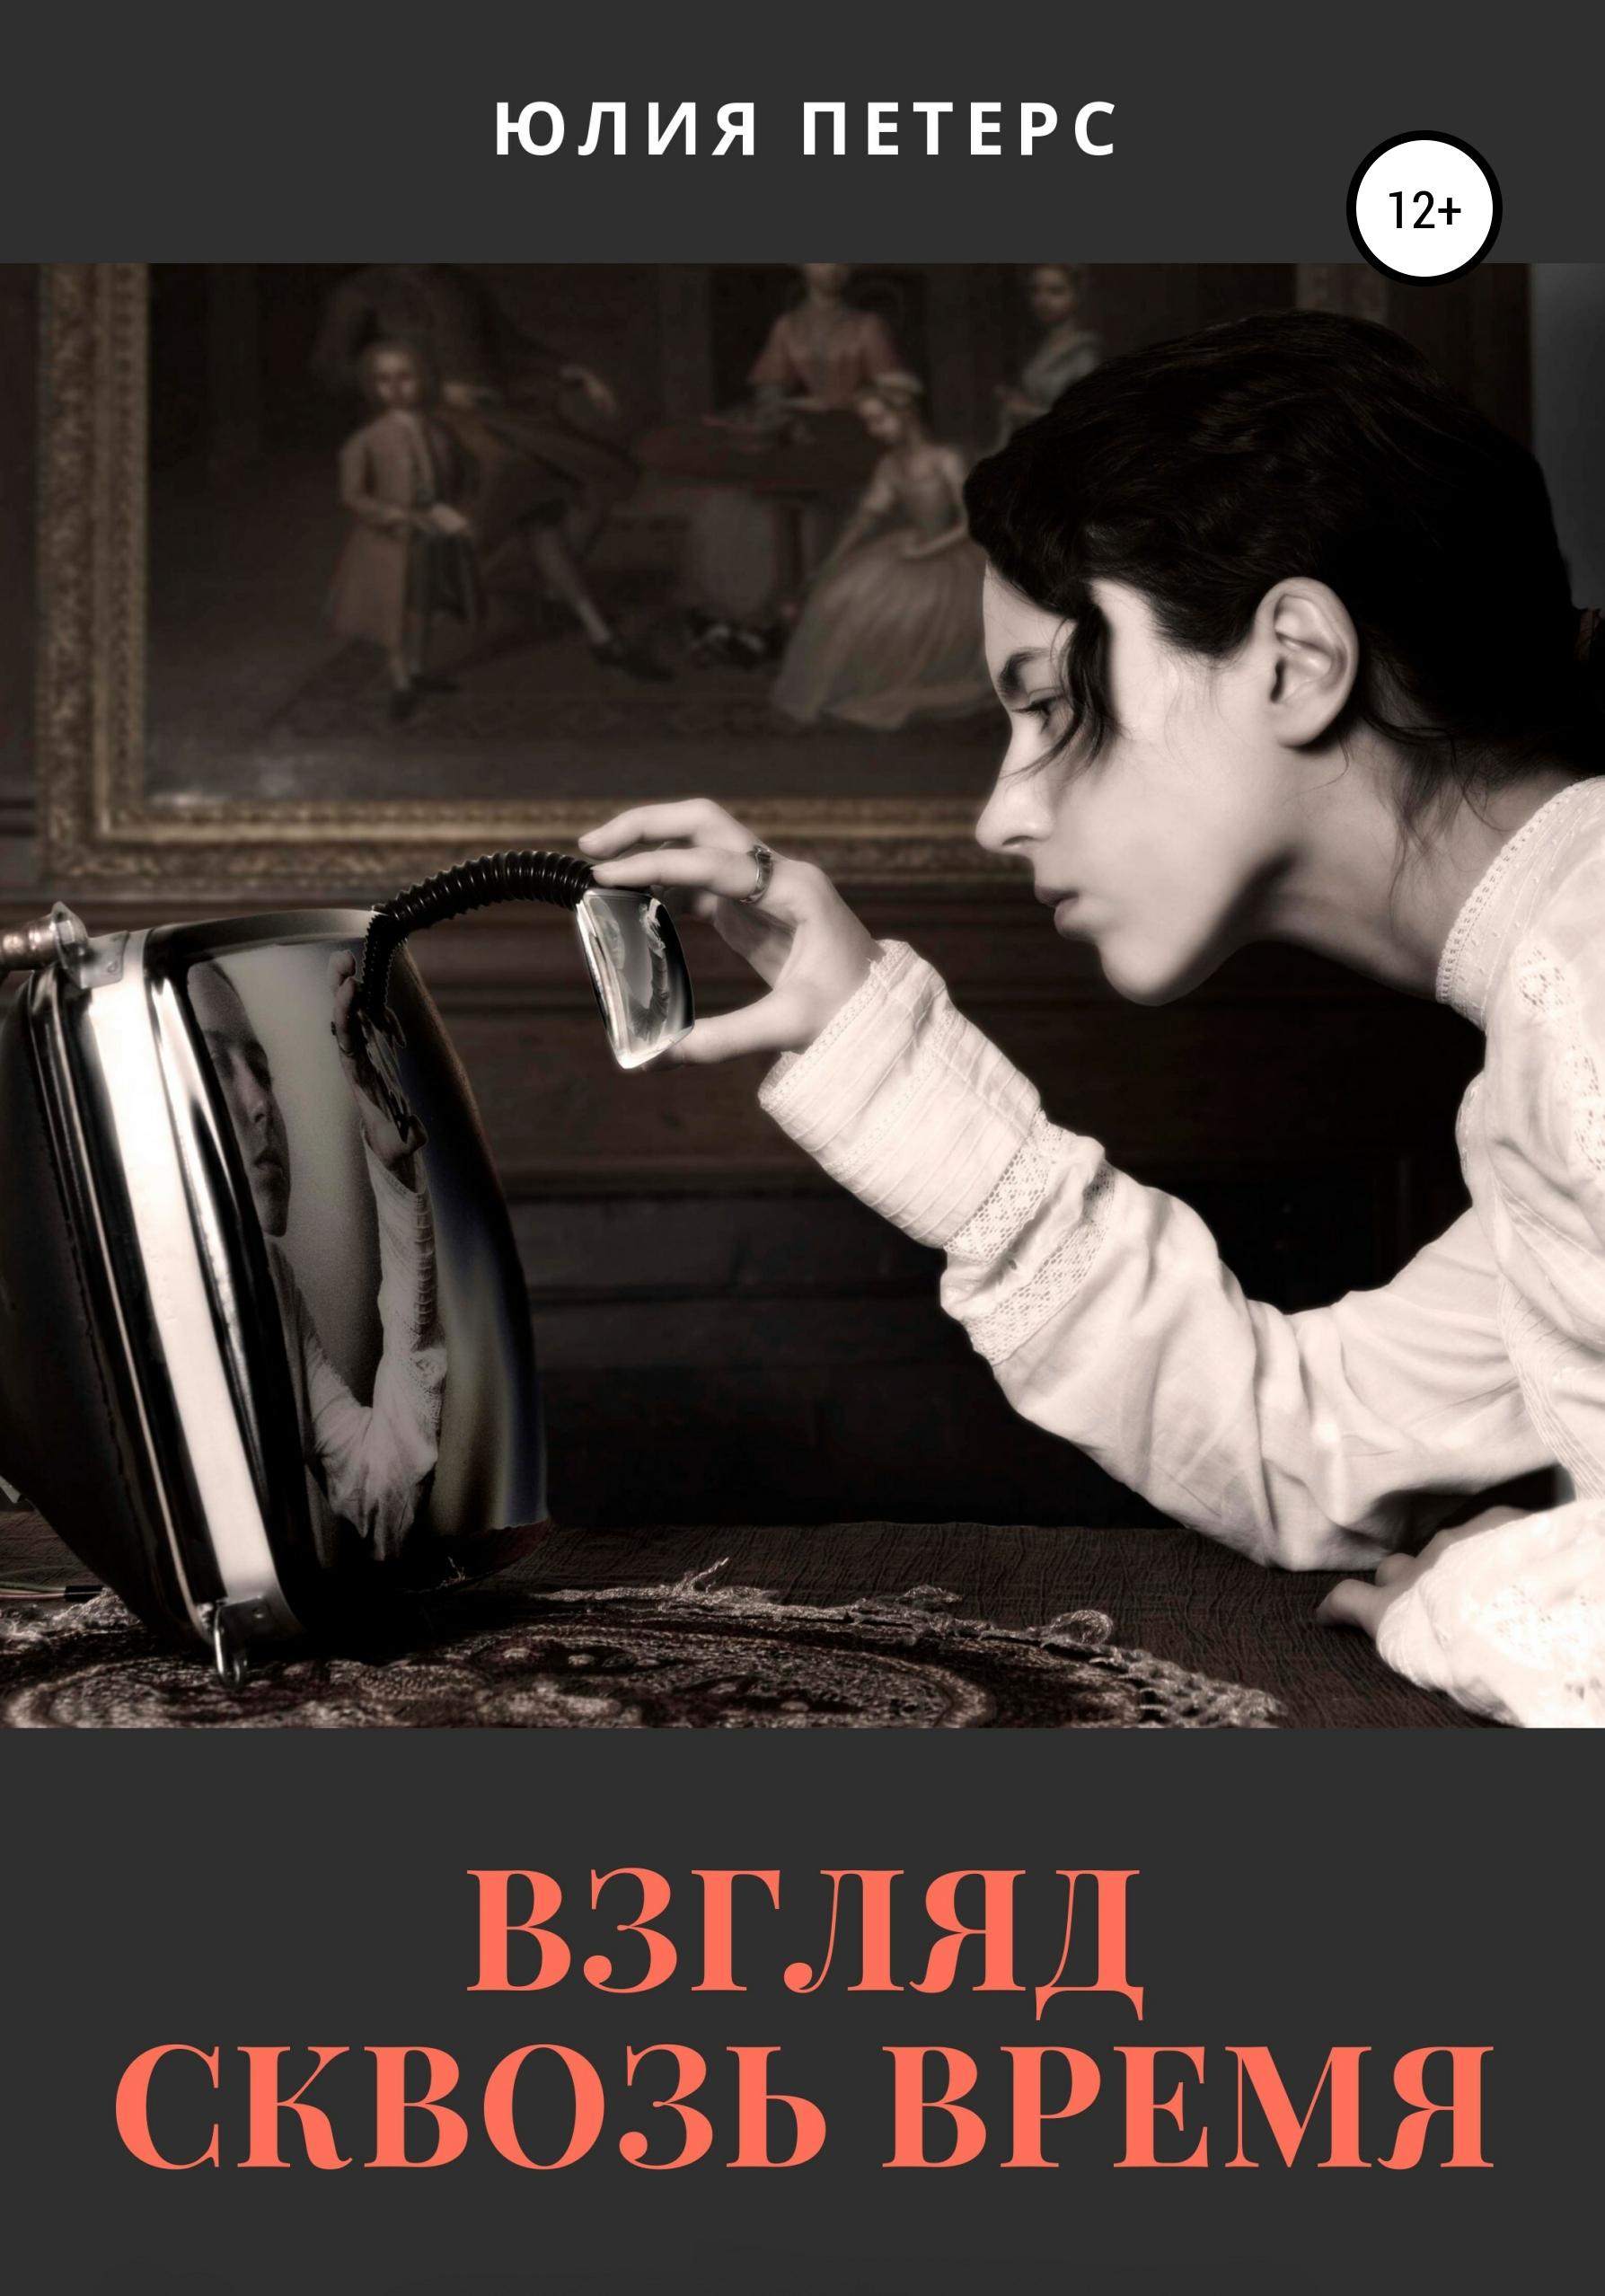 Купить книгу Взгляд сквозь время, автора Юлии Петерс